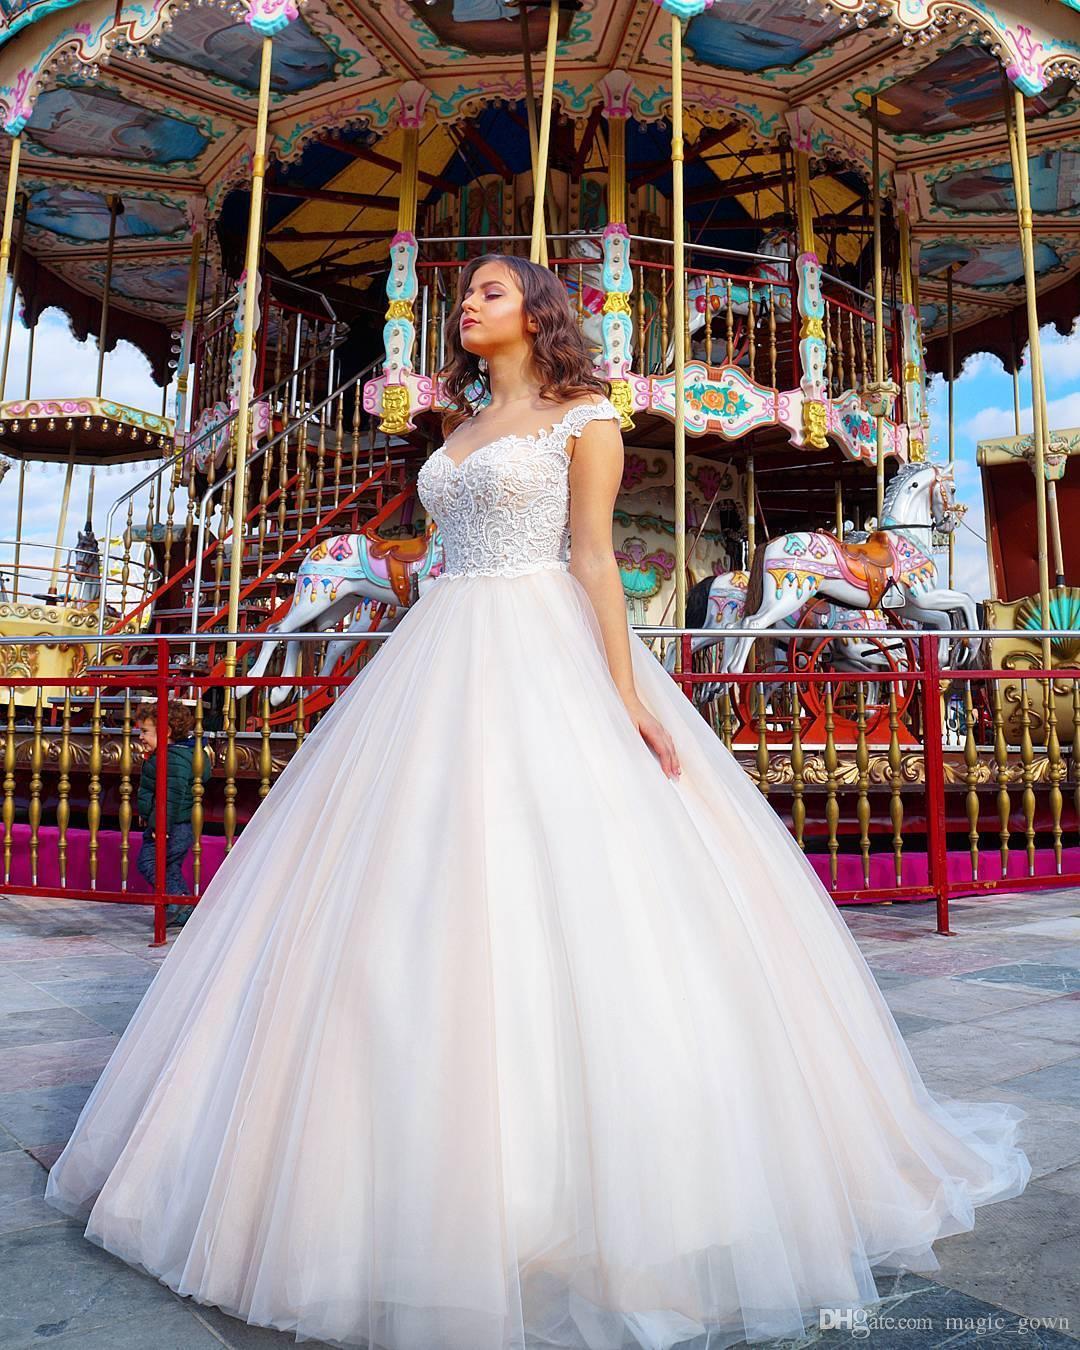 2019 Chegada Nova Lace vestido de baile vestidos de casamento Sheer Pescoço da colher Trem Tribunal Applique Vestido de Noiva vestidos de noiva vestido de novia